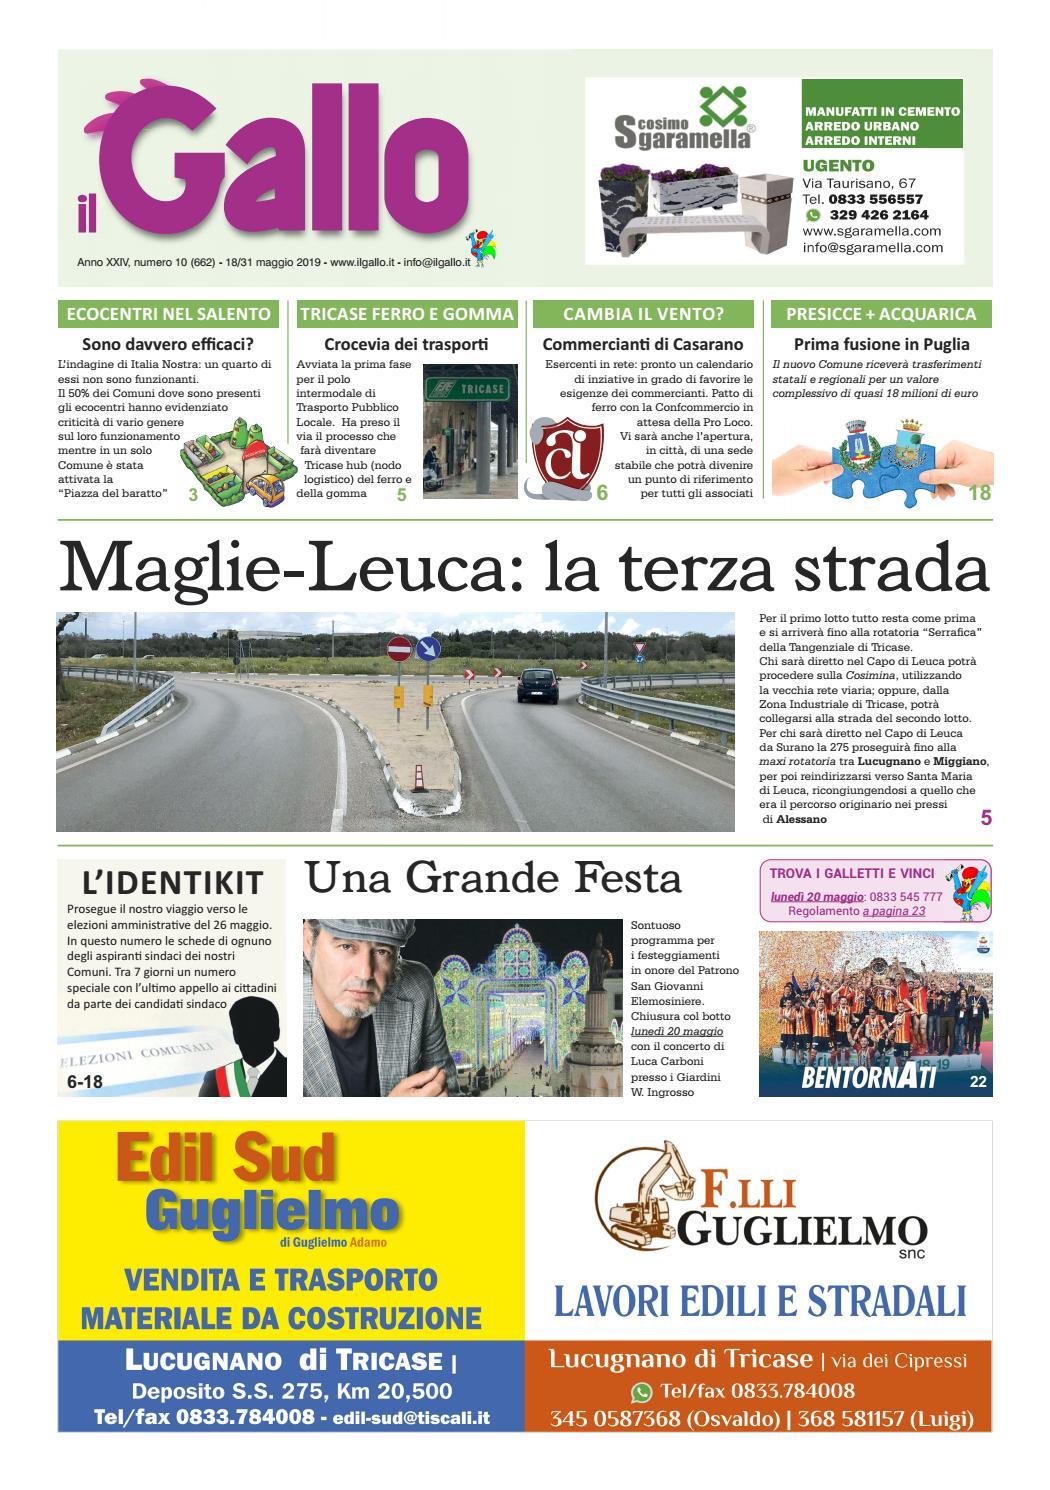 Calendario Raccolta Differenziata La Spezia 2020.Il Gallo Numero 10 2019 By Giuseppe Cerfeda Issuu